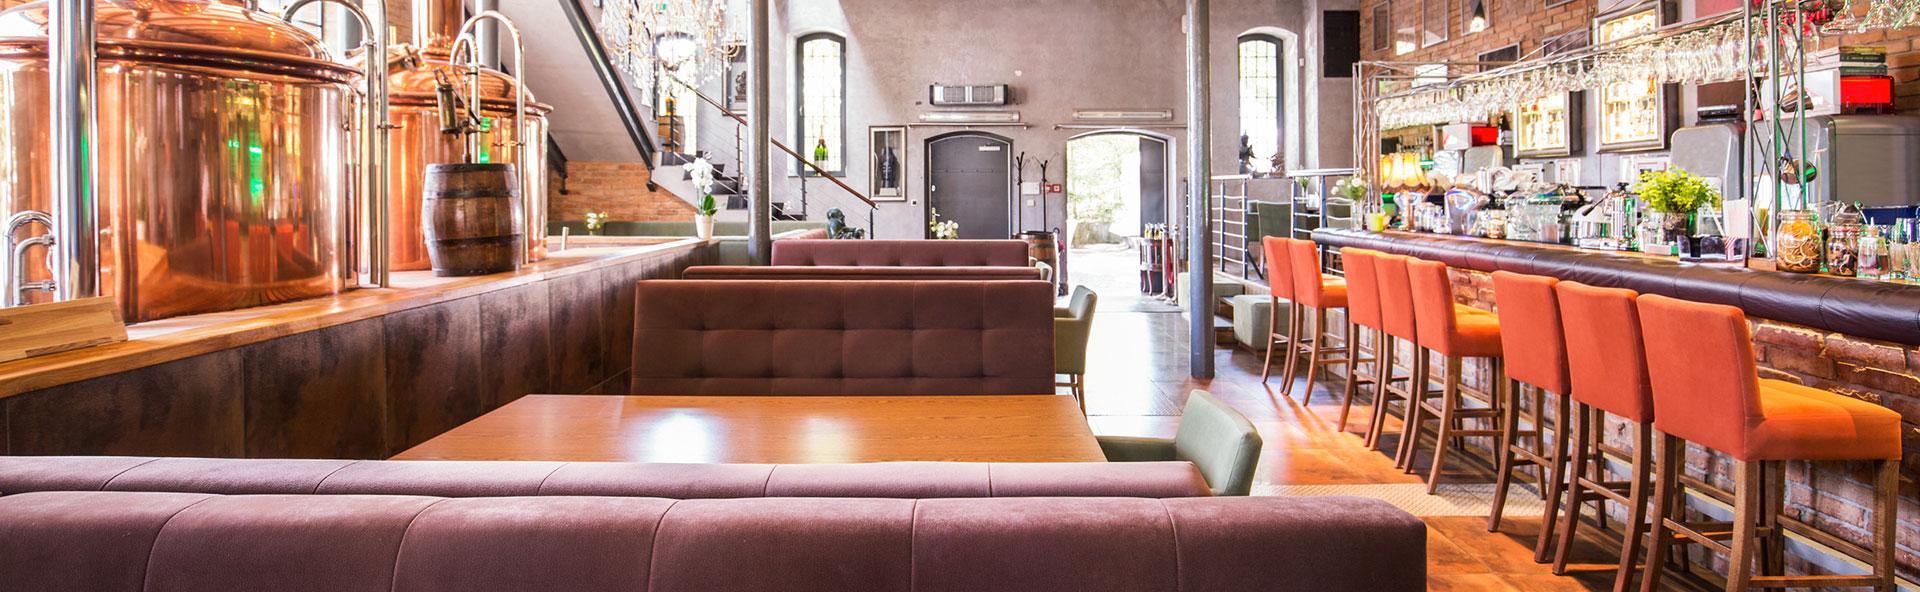 Bar - Gastroworld24 - Ihr Onlineshop für Gastronomiedarf